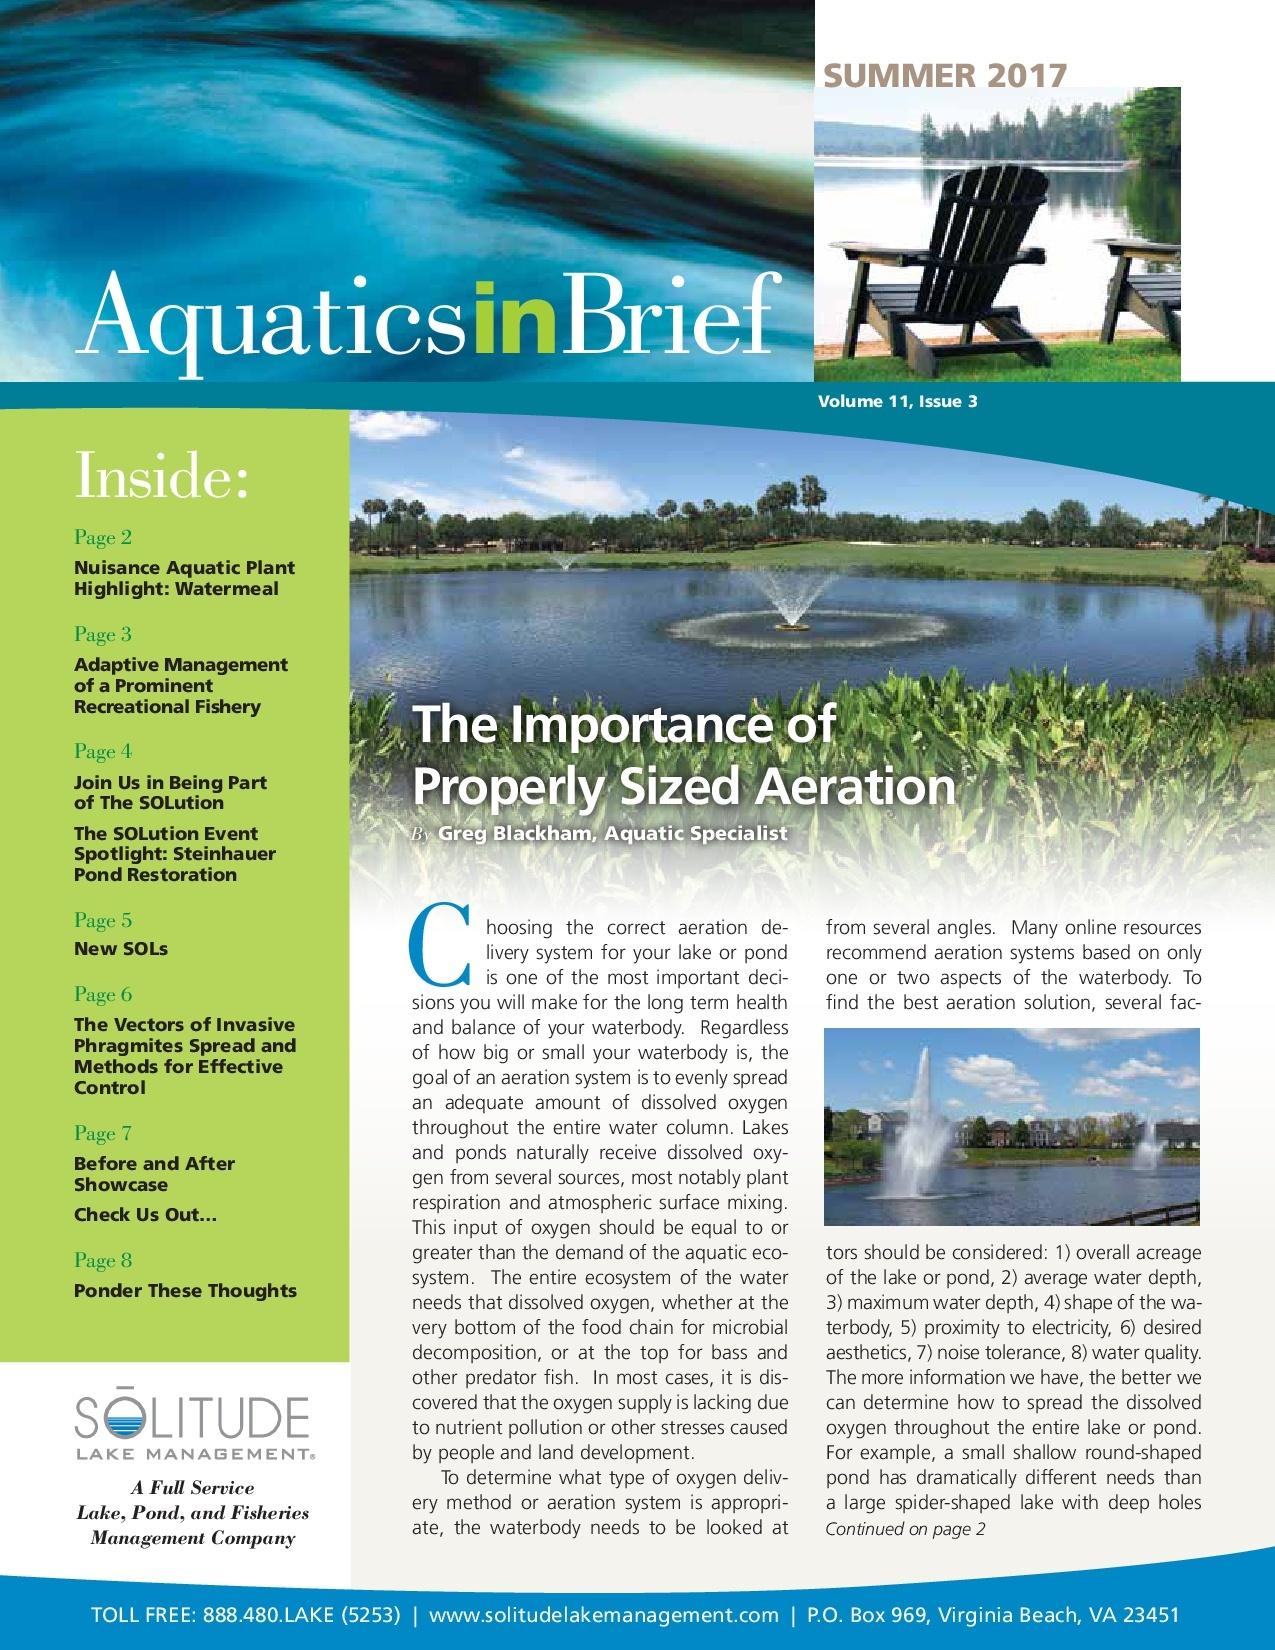 https://cdn2.hubspot.net/hubfs/227988/43_SOLitude_lake_management_AquaticsInBrief_newsletter_07.2017_Summer.pdf